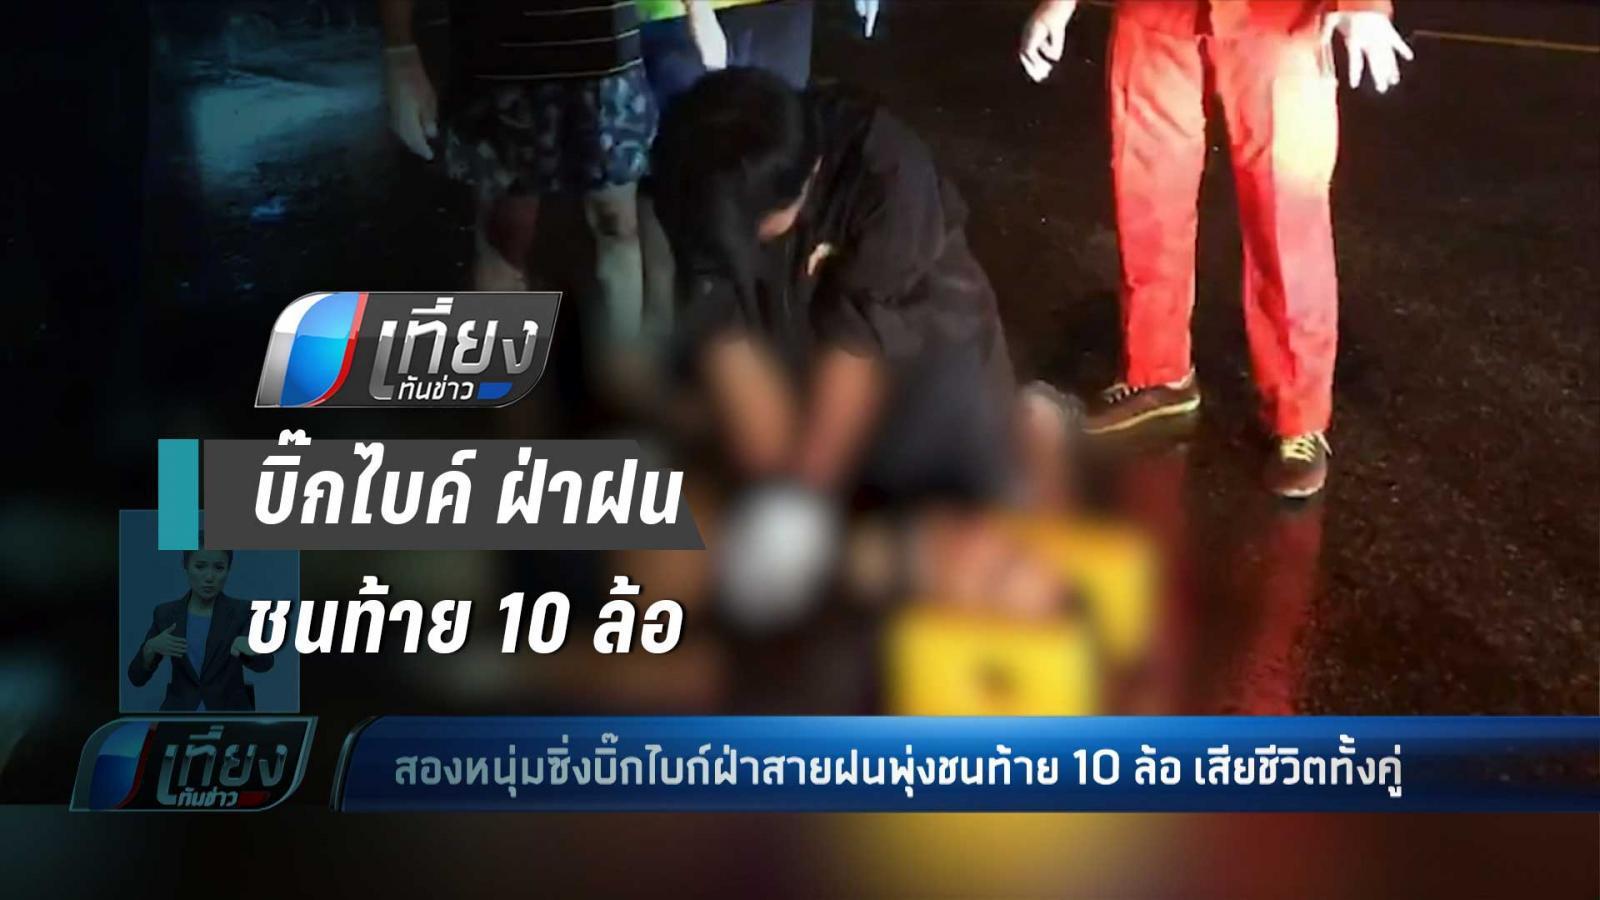 2 หนุ่ม ซิ่งบิ๊กไบก์ ฝ่าฝนพุ่งชนท้าย 10 ล้อ ตายทั้งคู่